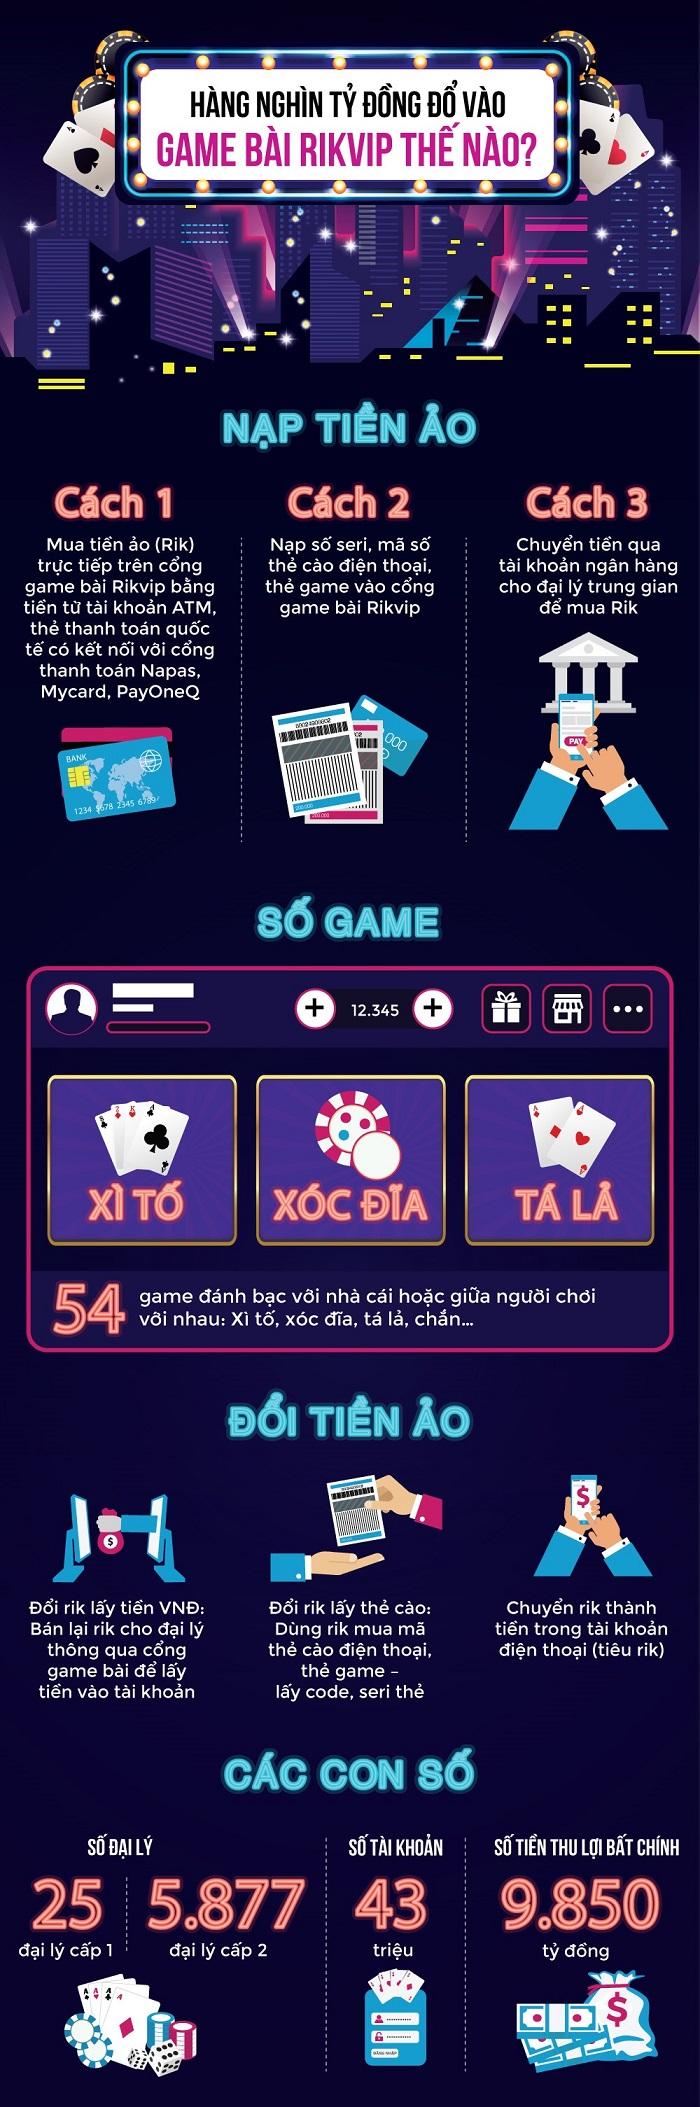 Game đánh bạc Rikvip thu được nghìn tỷ như thế nào?